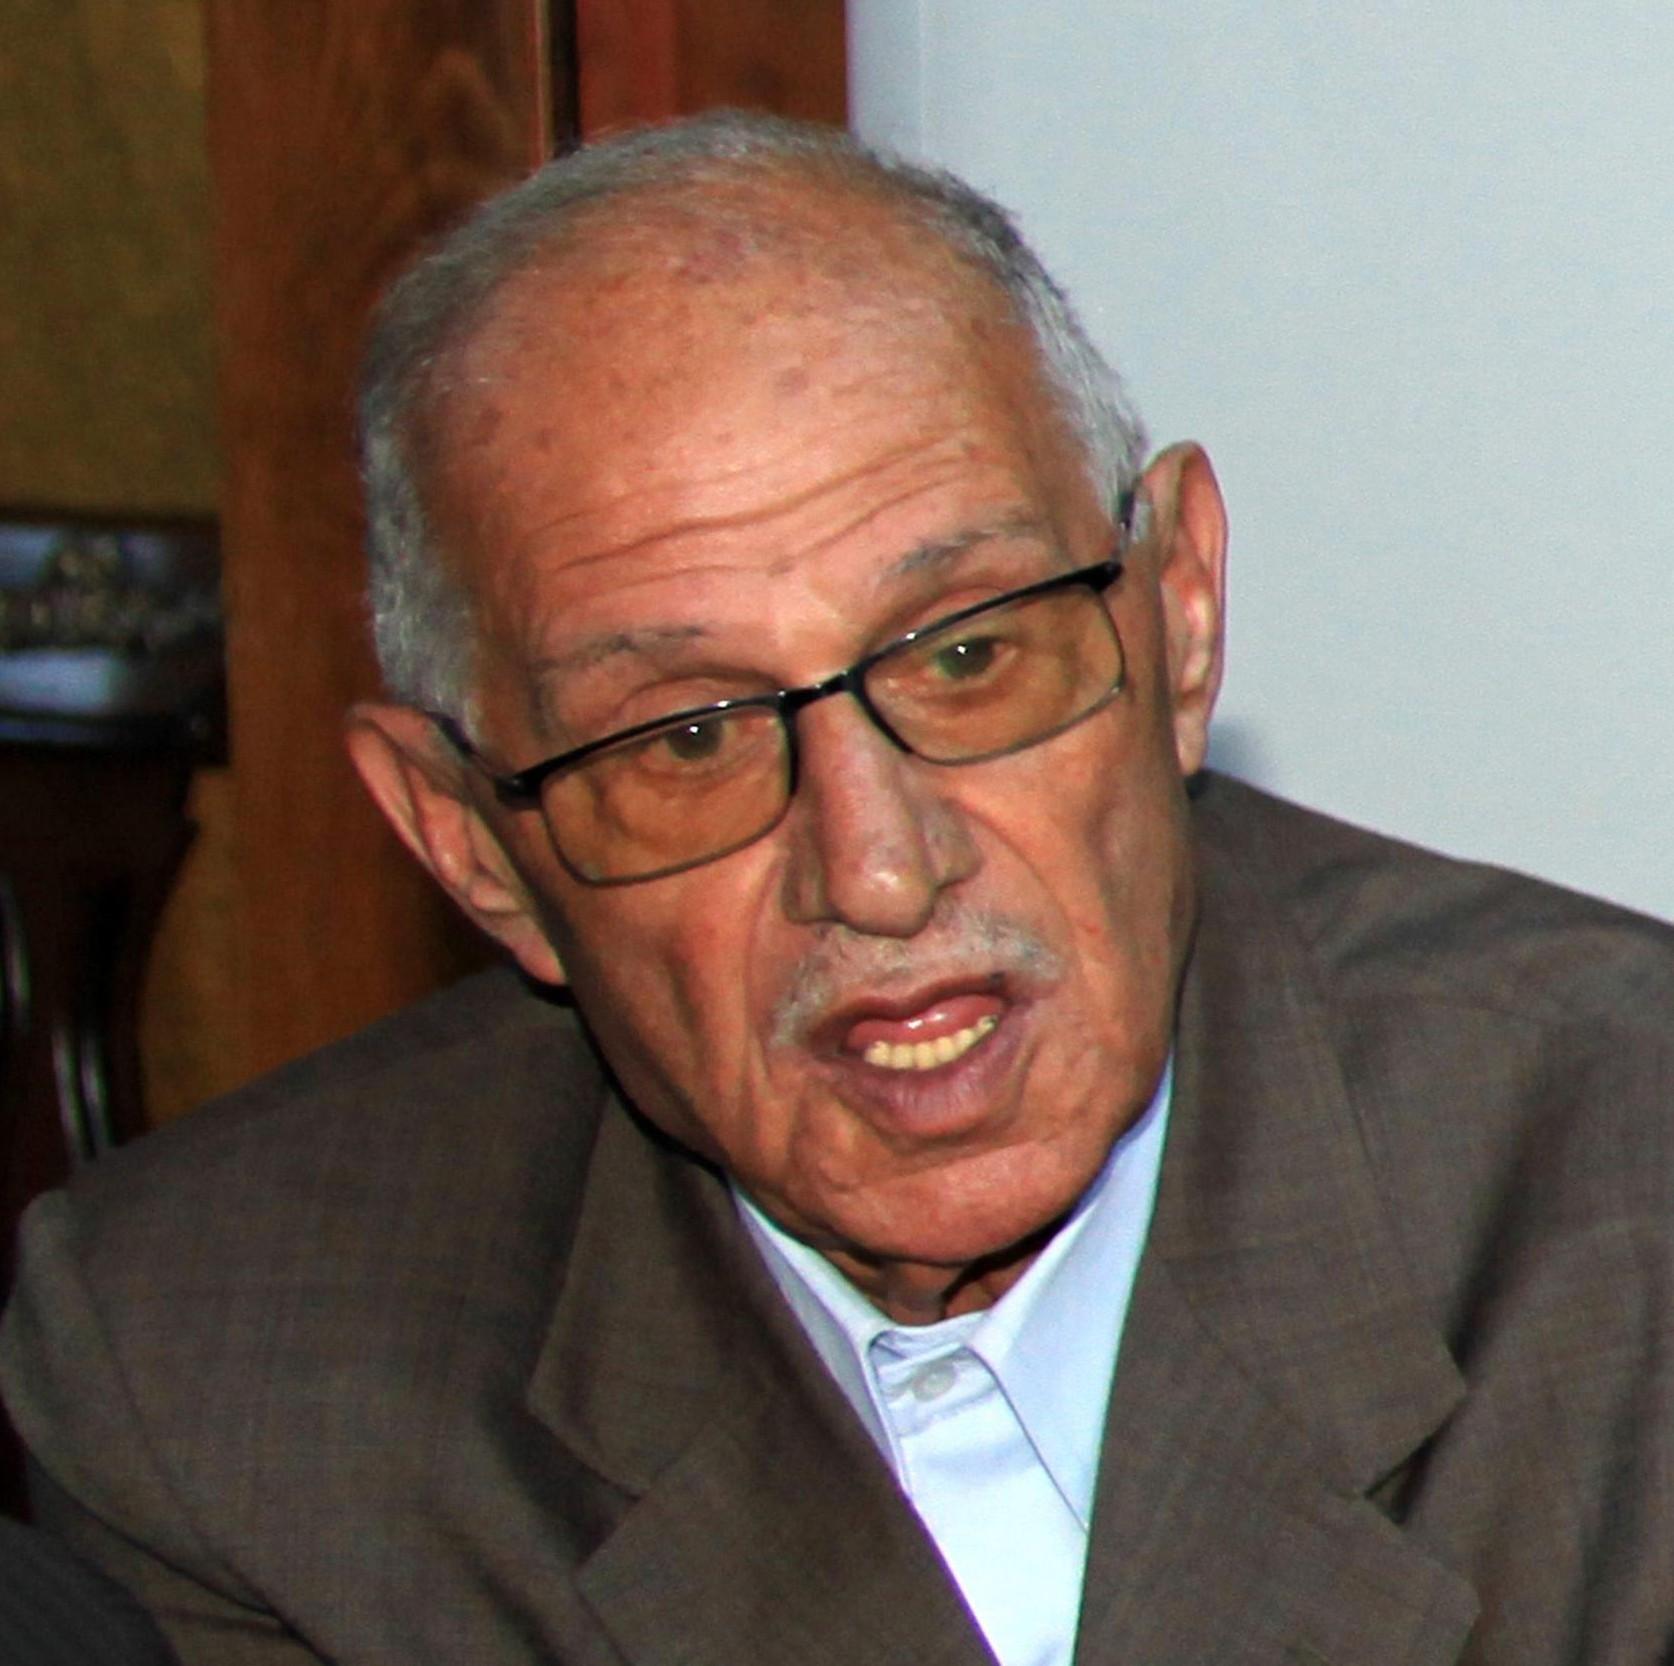 E' morto il 29 gennaio 2013 all'età di 87 anni il capo milizia palestinese Said al Muragha, meglio noto come Abu Mussa, per anni a capo di una fazione armata […]